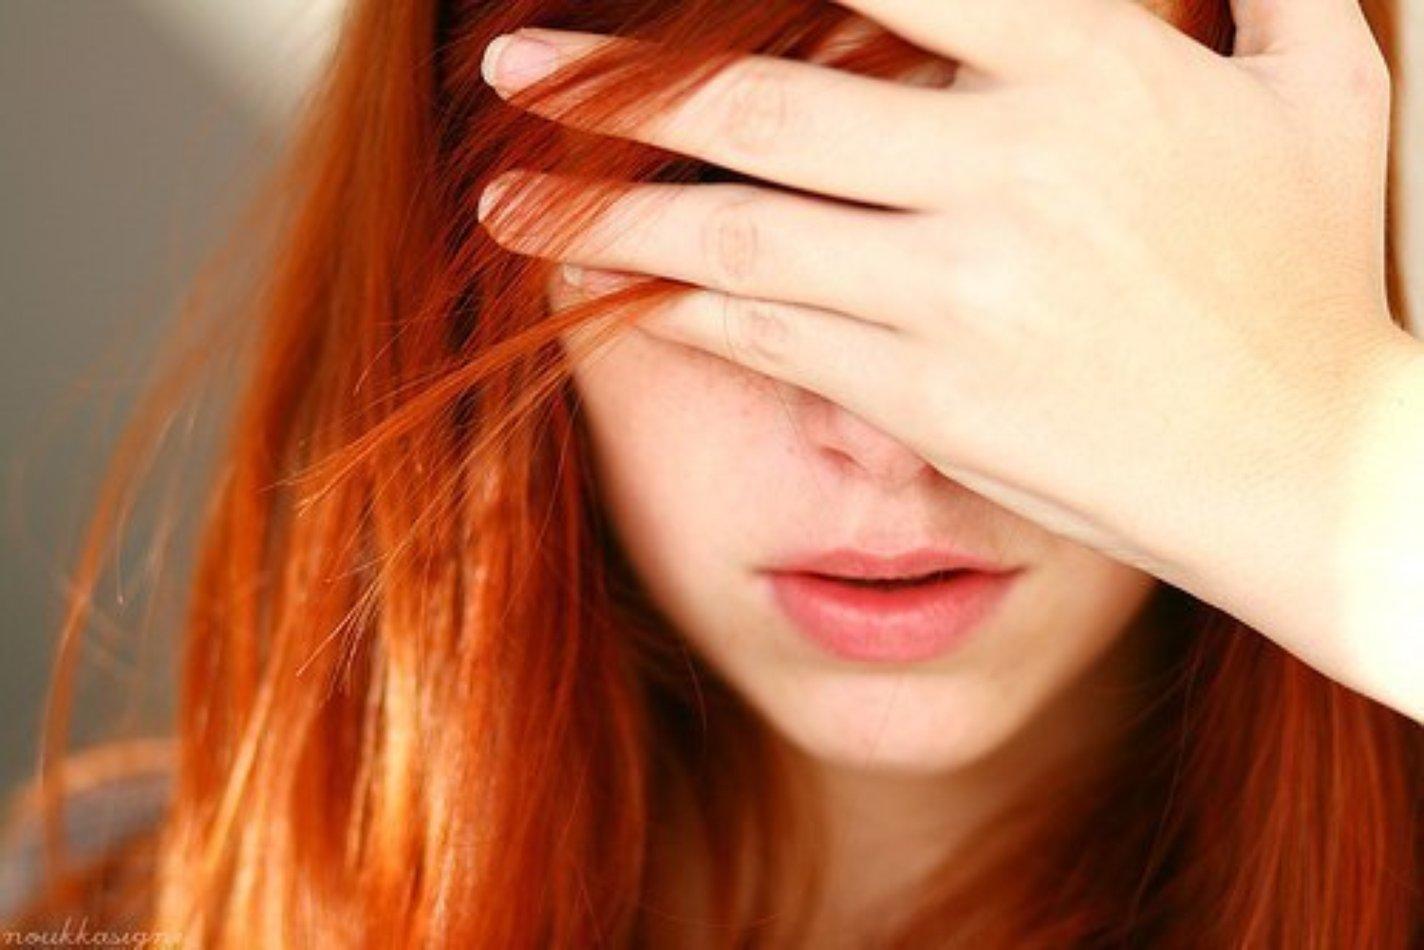 Фото девушек с рыжими волосами со спины 14 фотография